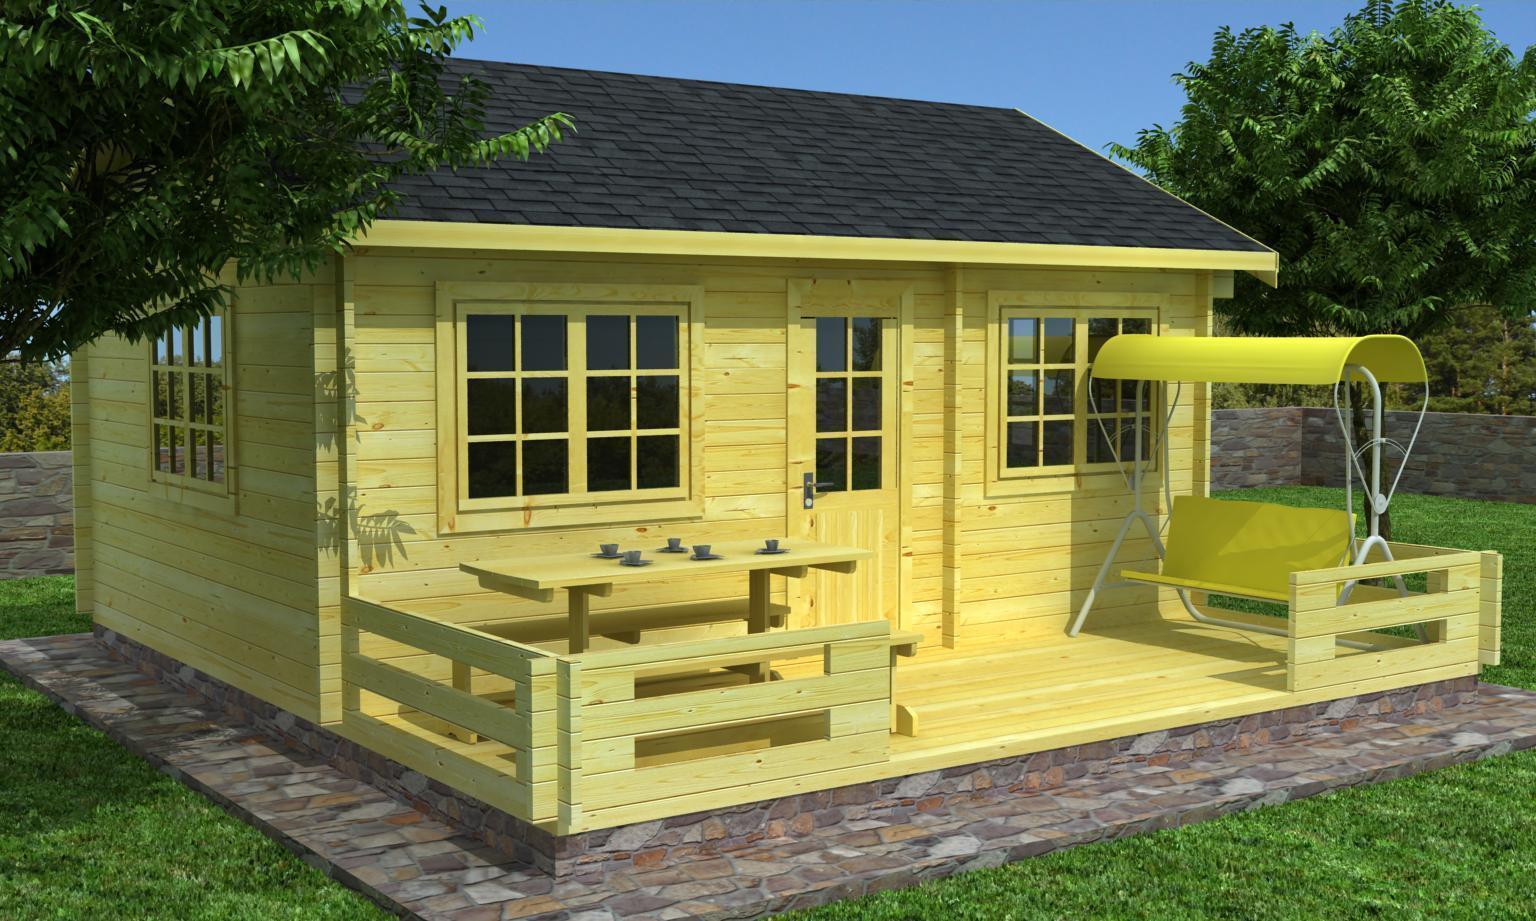 gartenhaus modell gerolstein 70 sams gartenhaus shop. Black Bedroom Furniture Sets. Home Design Ideas